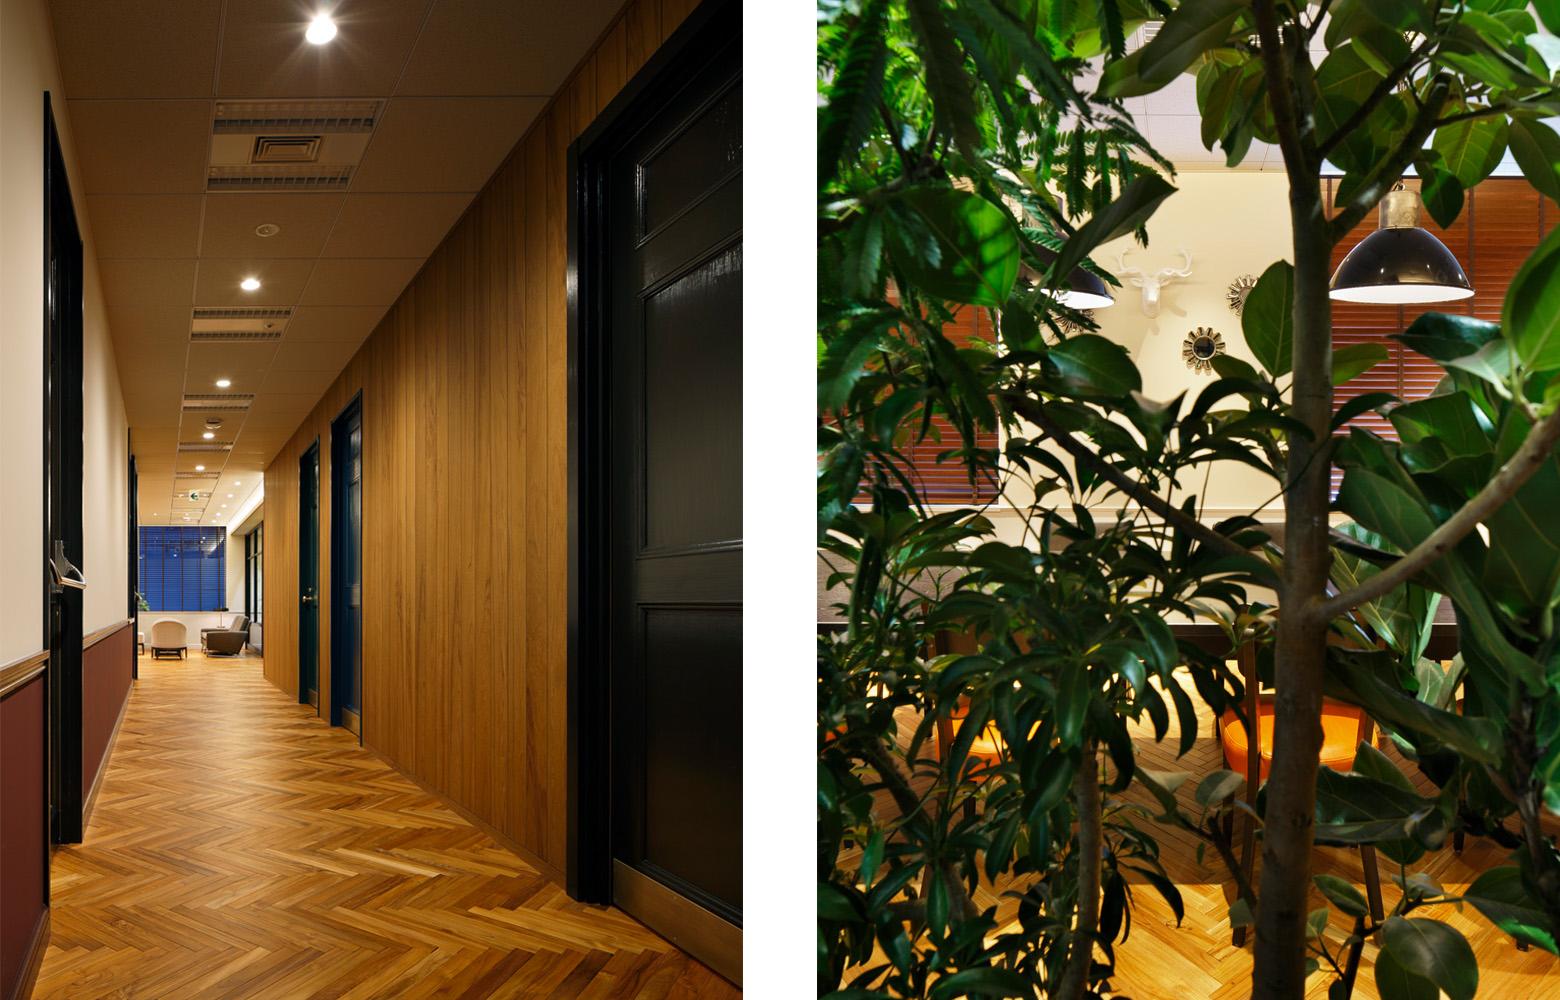 株式会社日本エスコン Corridor & Green デザイン・レイアウト事例